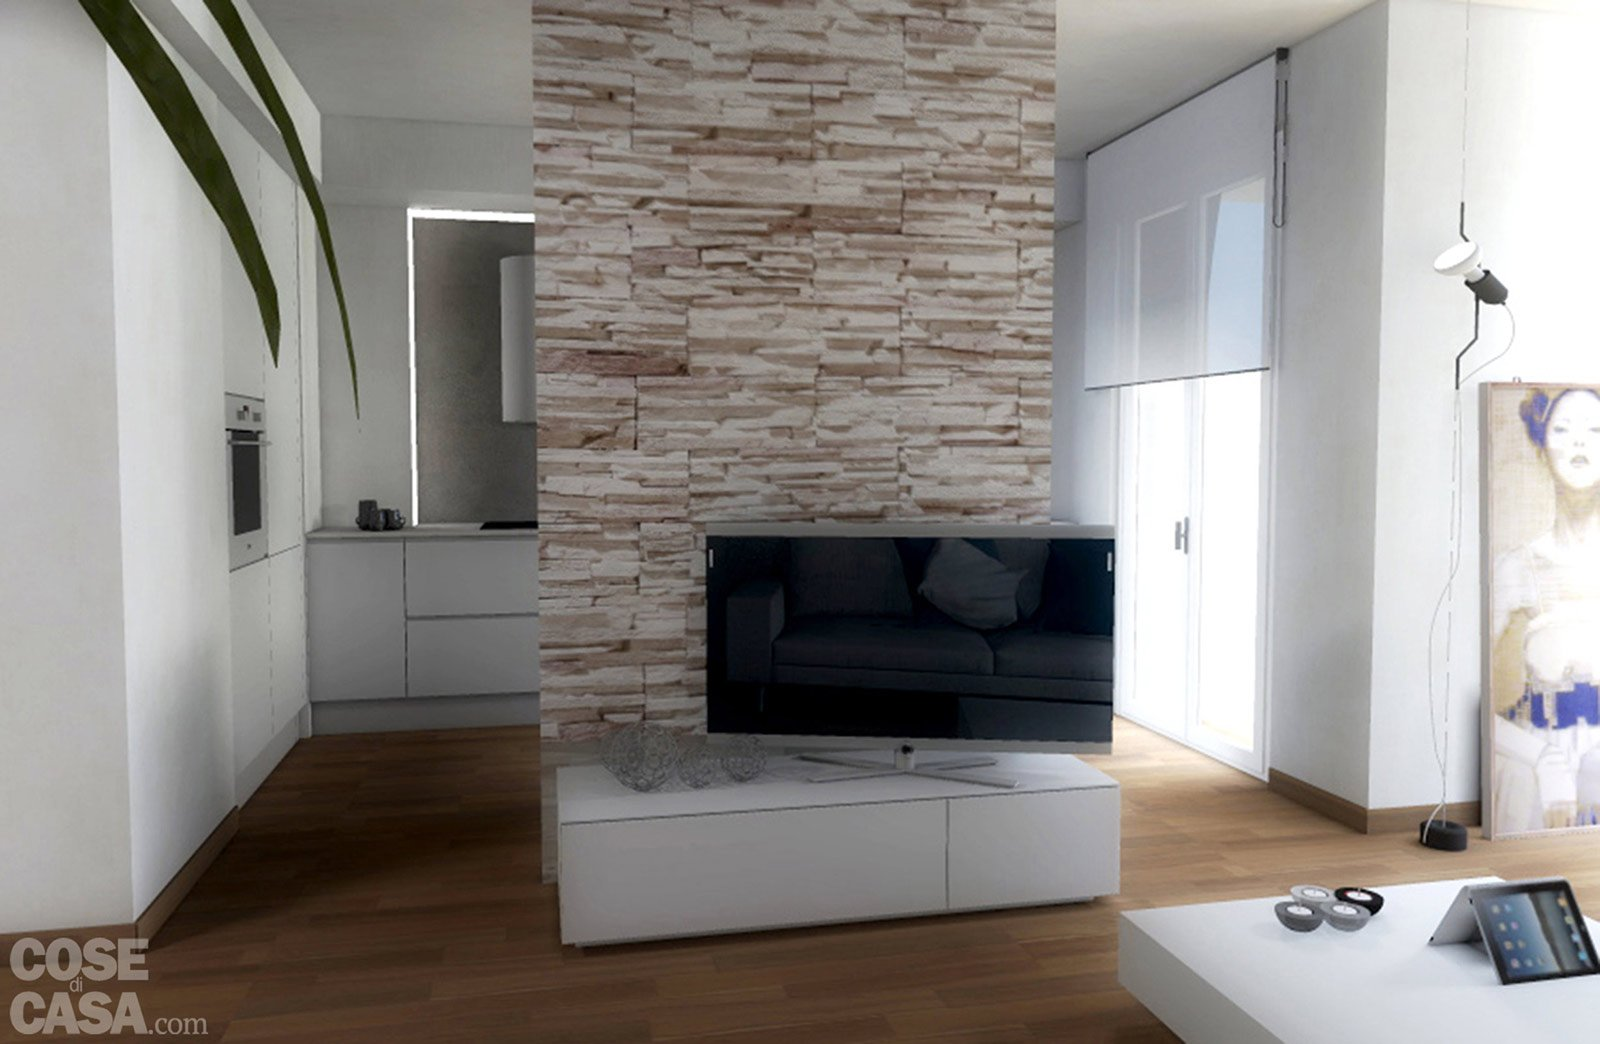 Progetti due soluzioni per un living con piante e prospetti in 3d cose di casa - Cucine aperte sul soggiorno ...